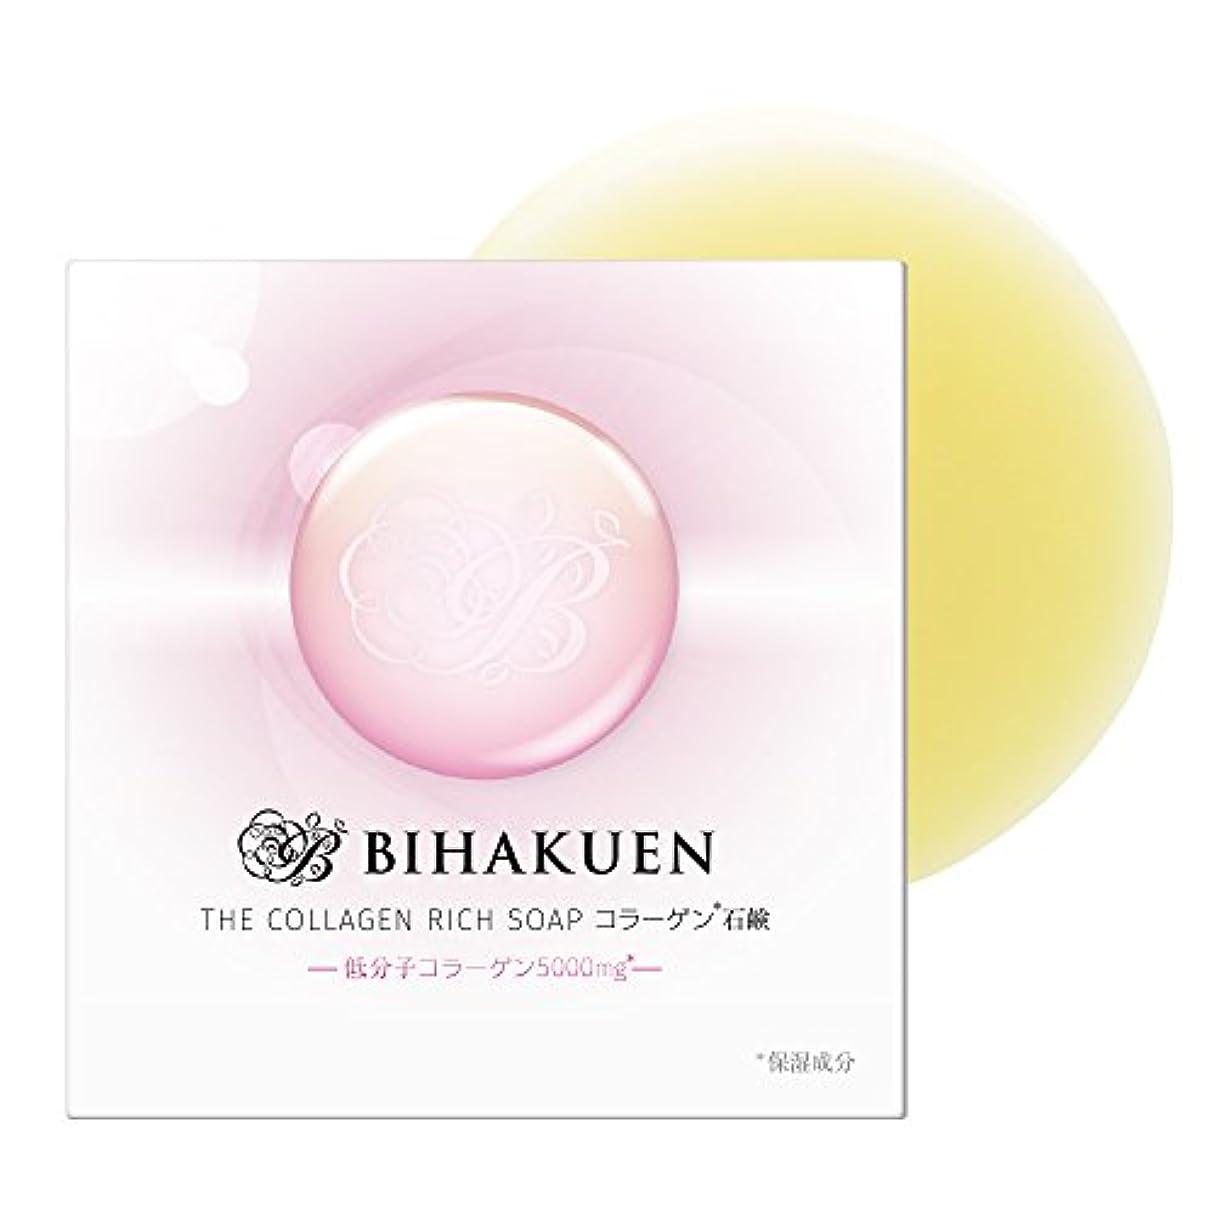 生む保安蓋(BIHAKUEN)コラーゲン石鹸100g (1個)